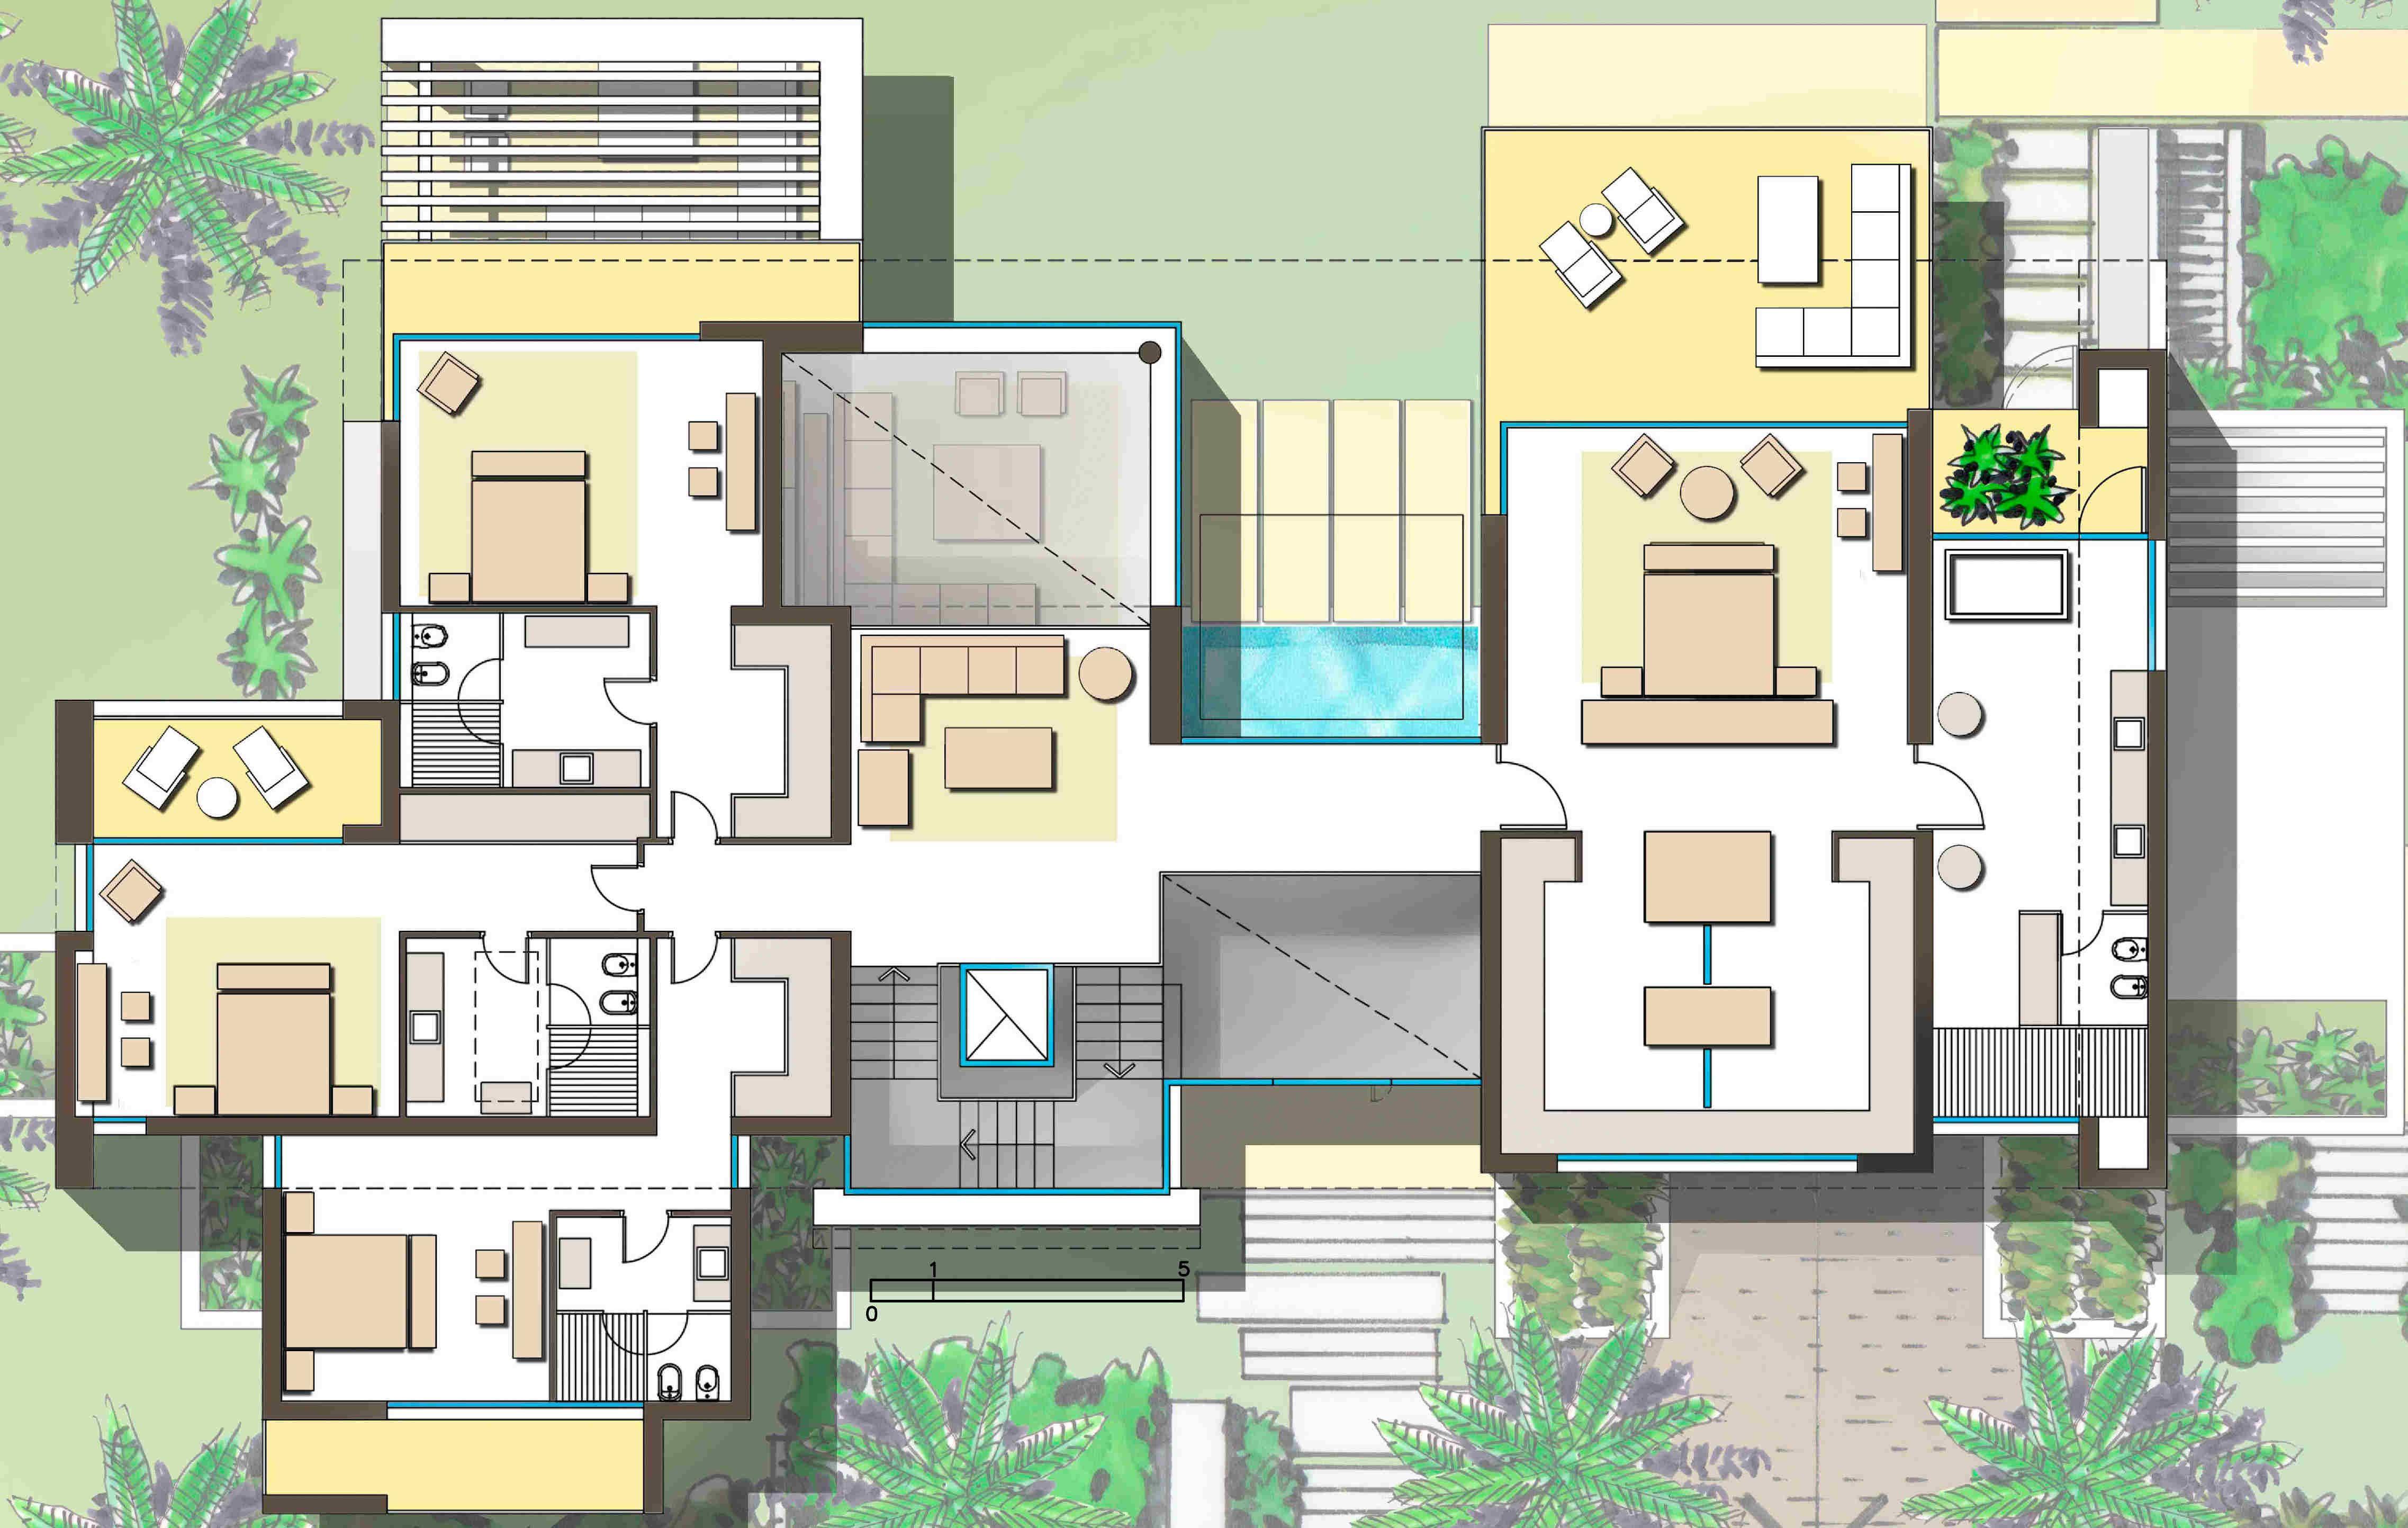 Villas de lujo los monteros marbella malaga planos arquitectura casas y lujos - Planos casas de lujo ...